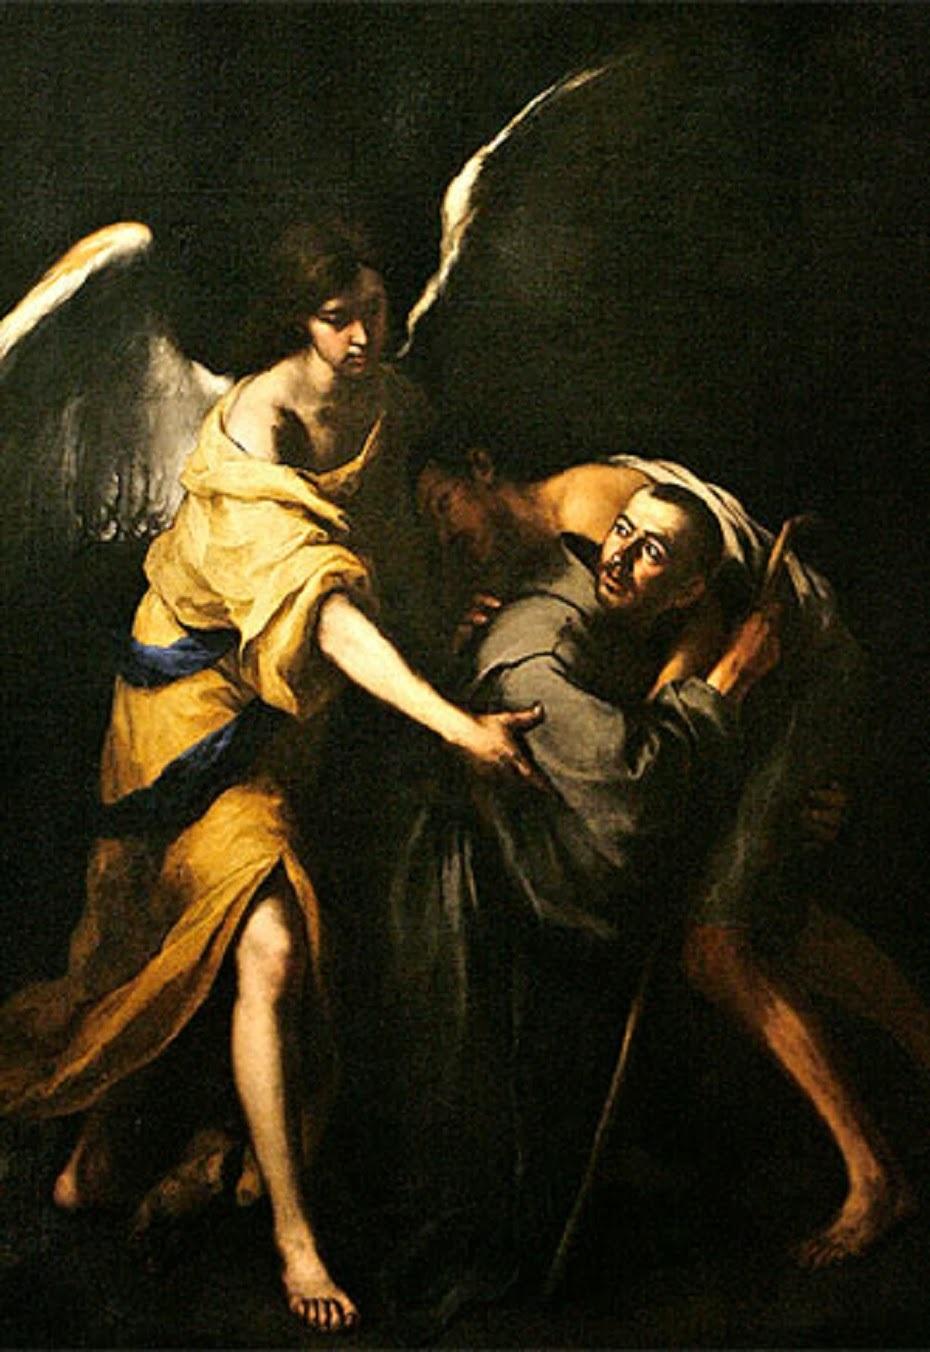 File:John of god murillo.jpg